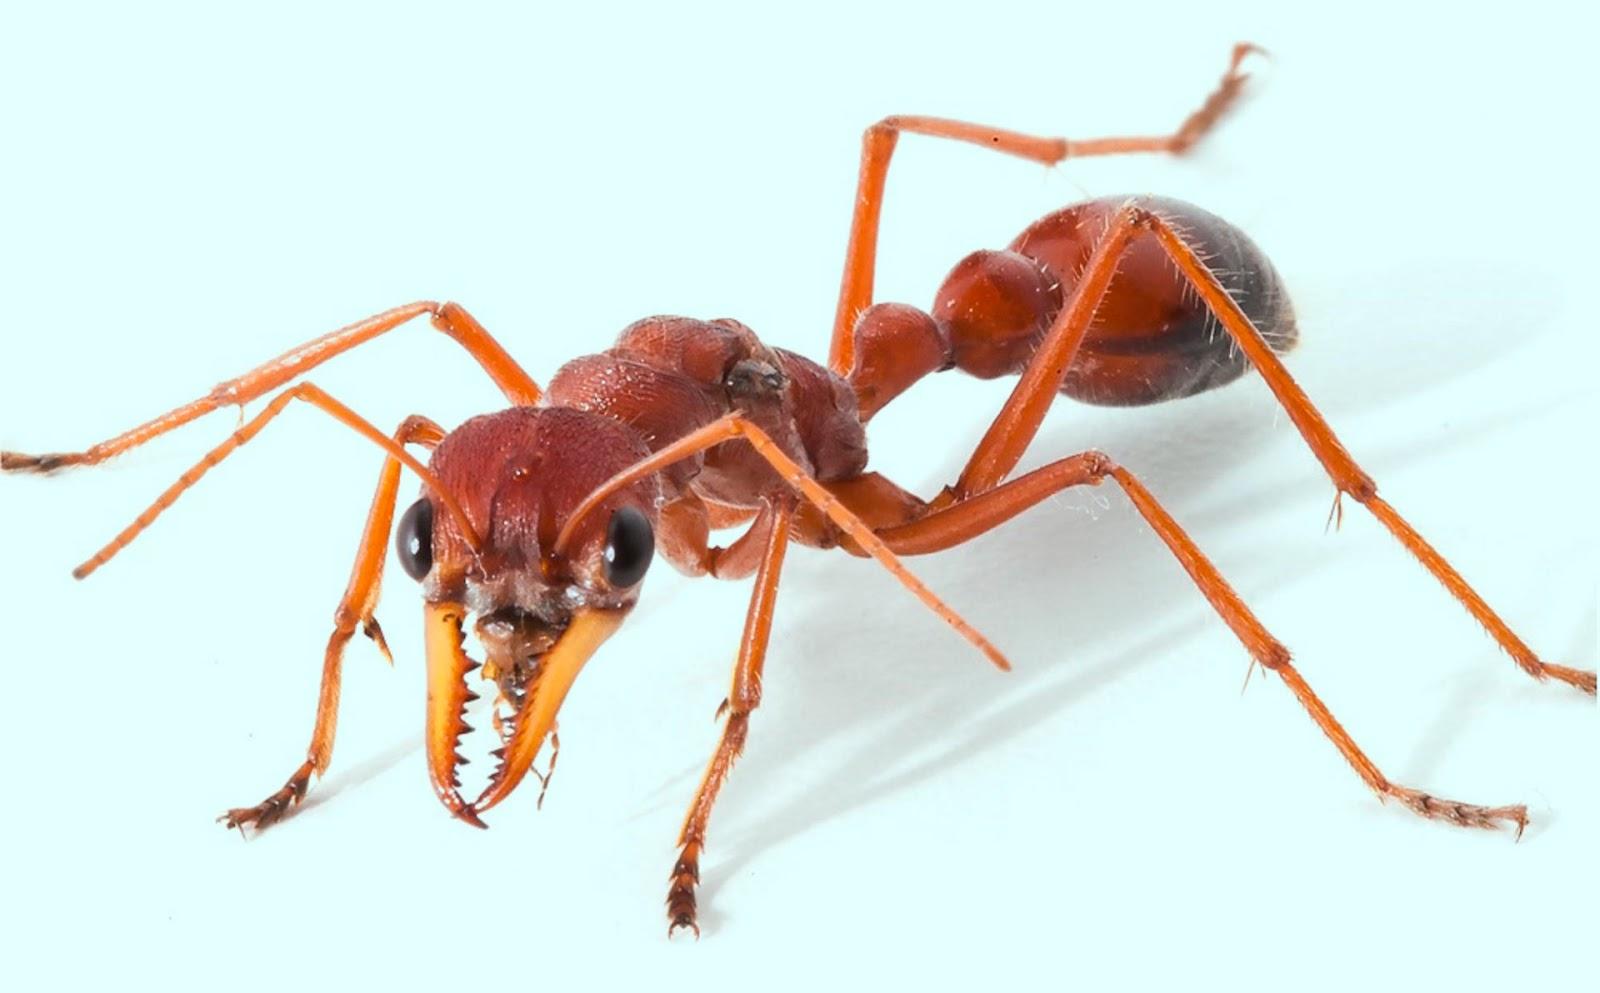 صور معلومات عن النمل , تفاصيل عن حياه النمل